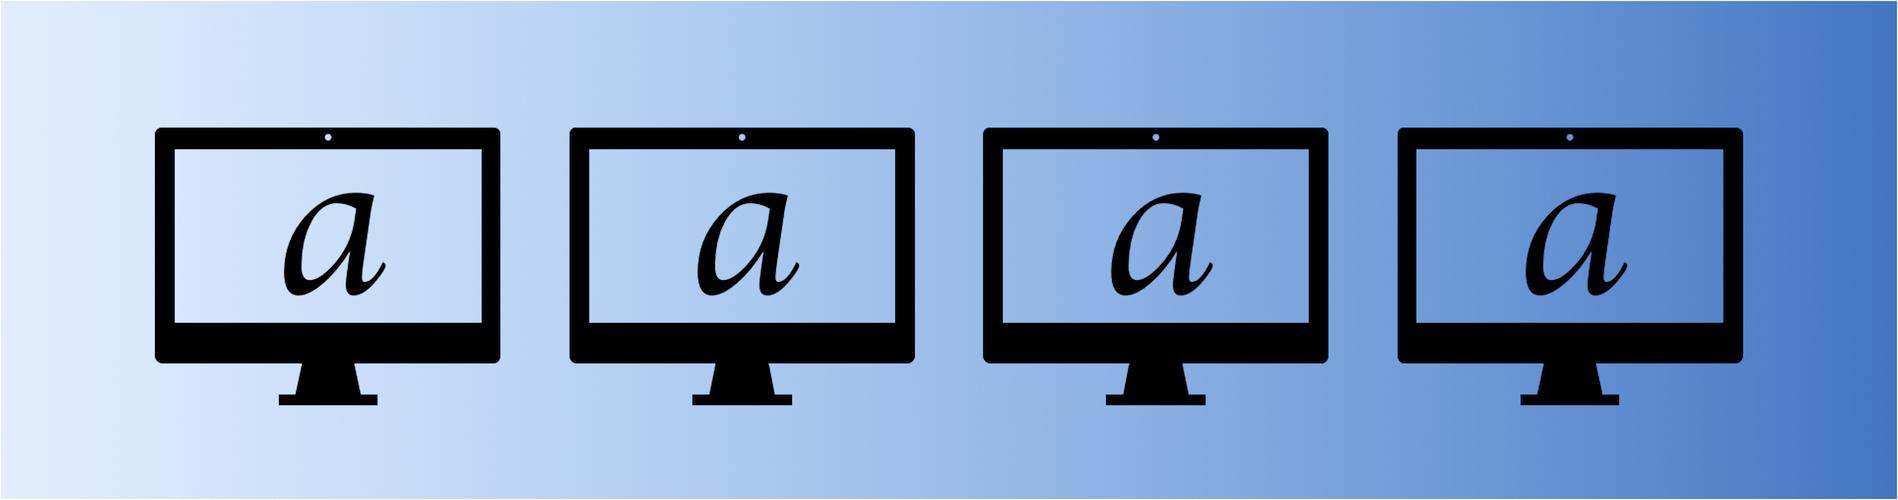 UX Writing e o trabalho do UX Writer